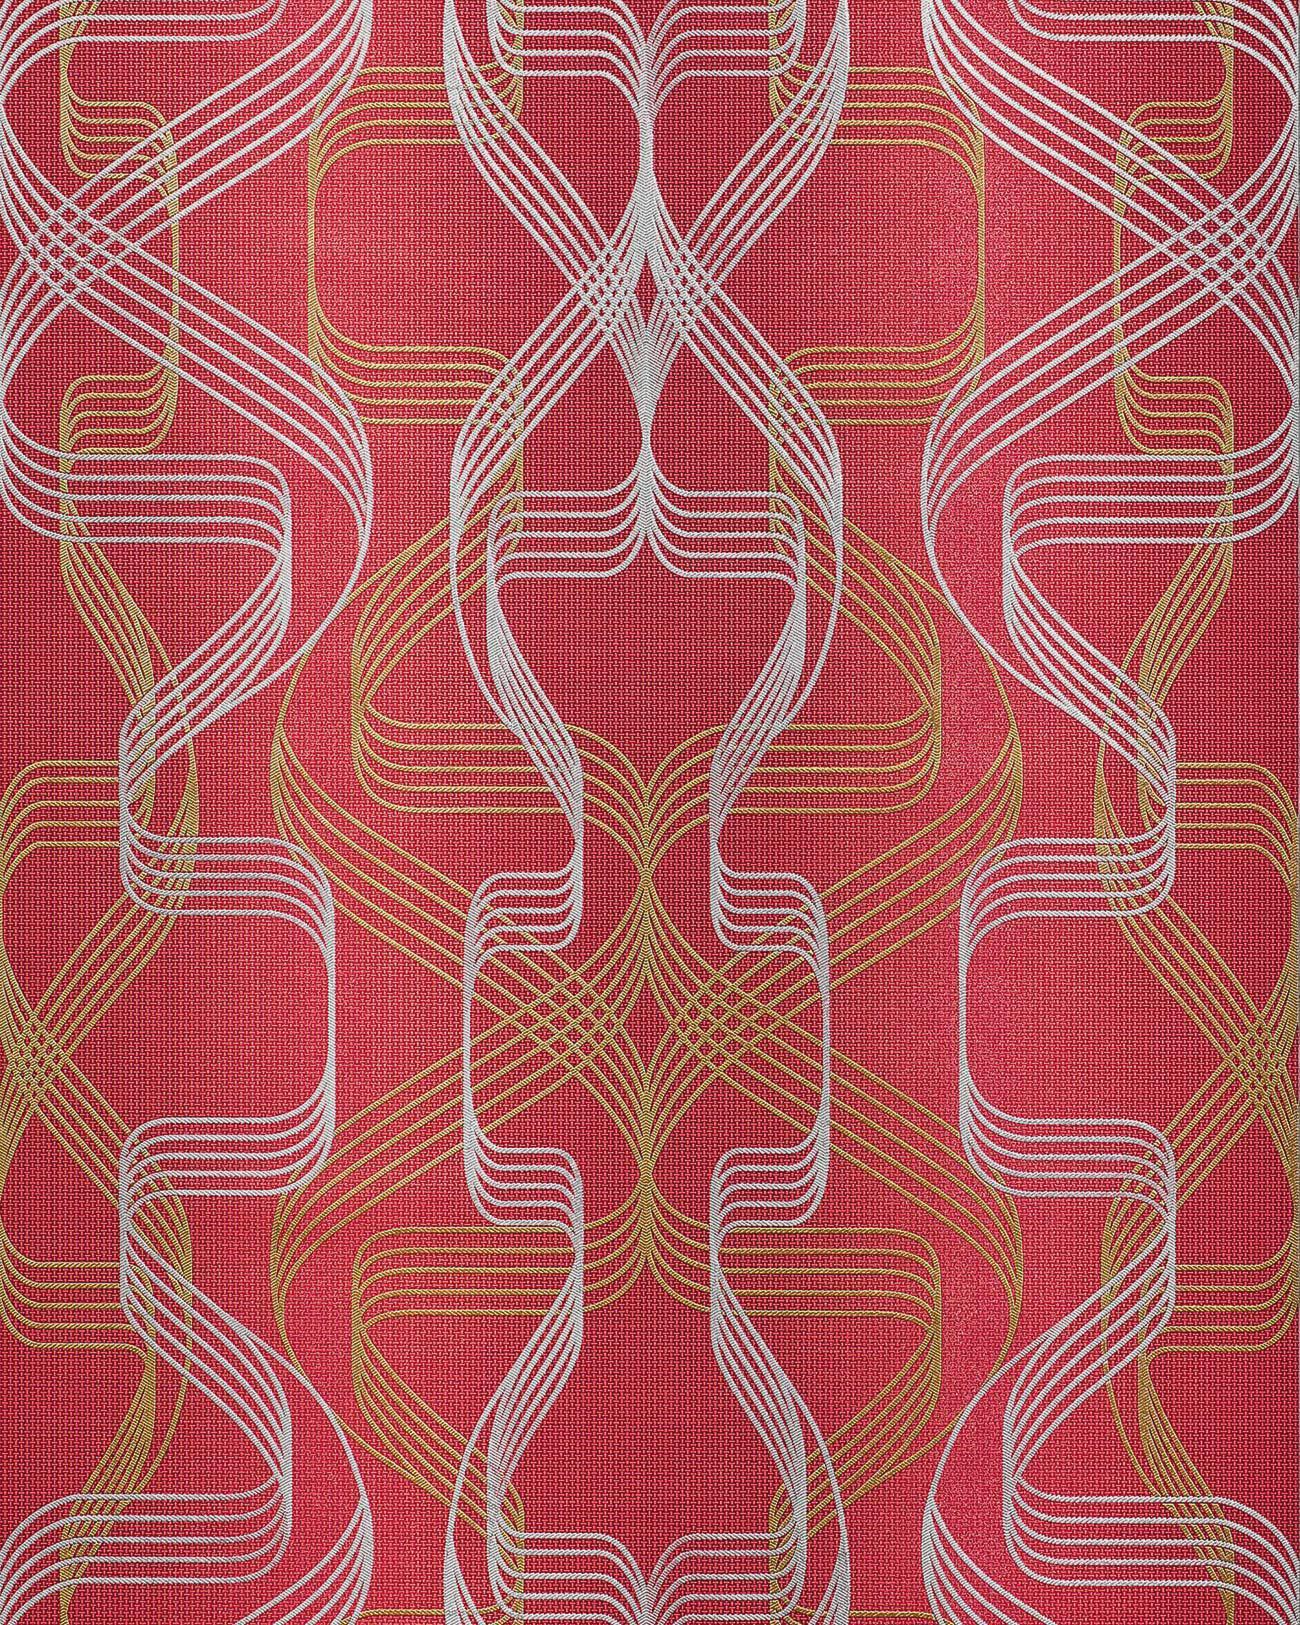 grafik tapete edem 507 24 designer tapete strukturiert mit abstraktem muster und metallischen akzenten - Tapete Rot Muster